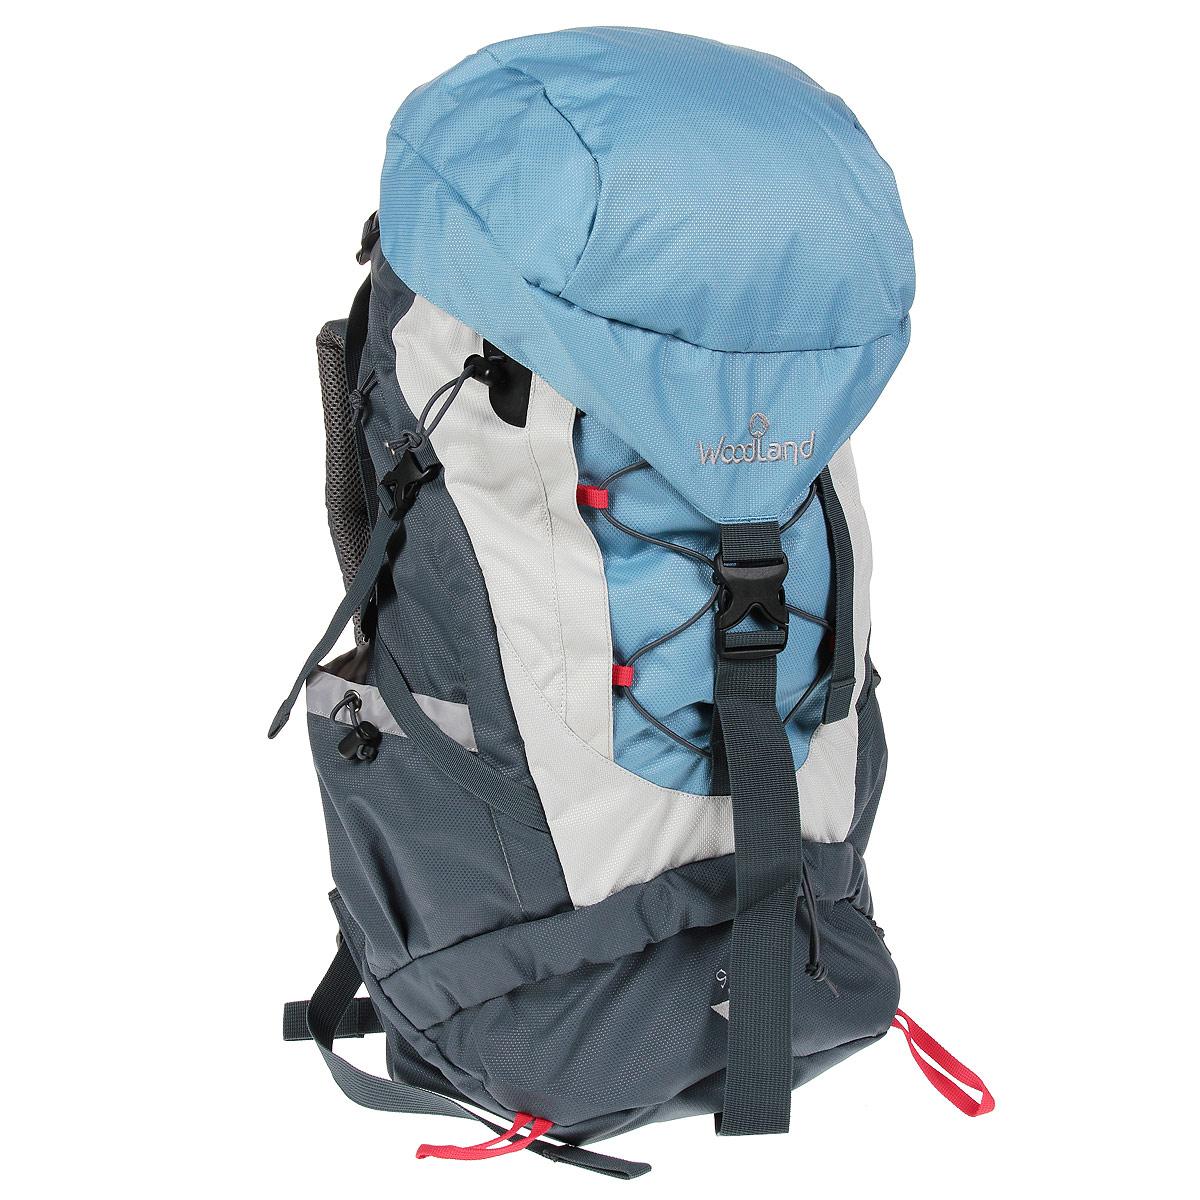 Рюкзак WoodLand Sky 60, цвет: синий, светло-серый, темно-серый